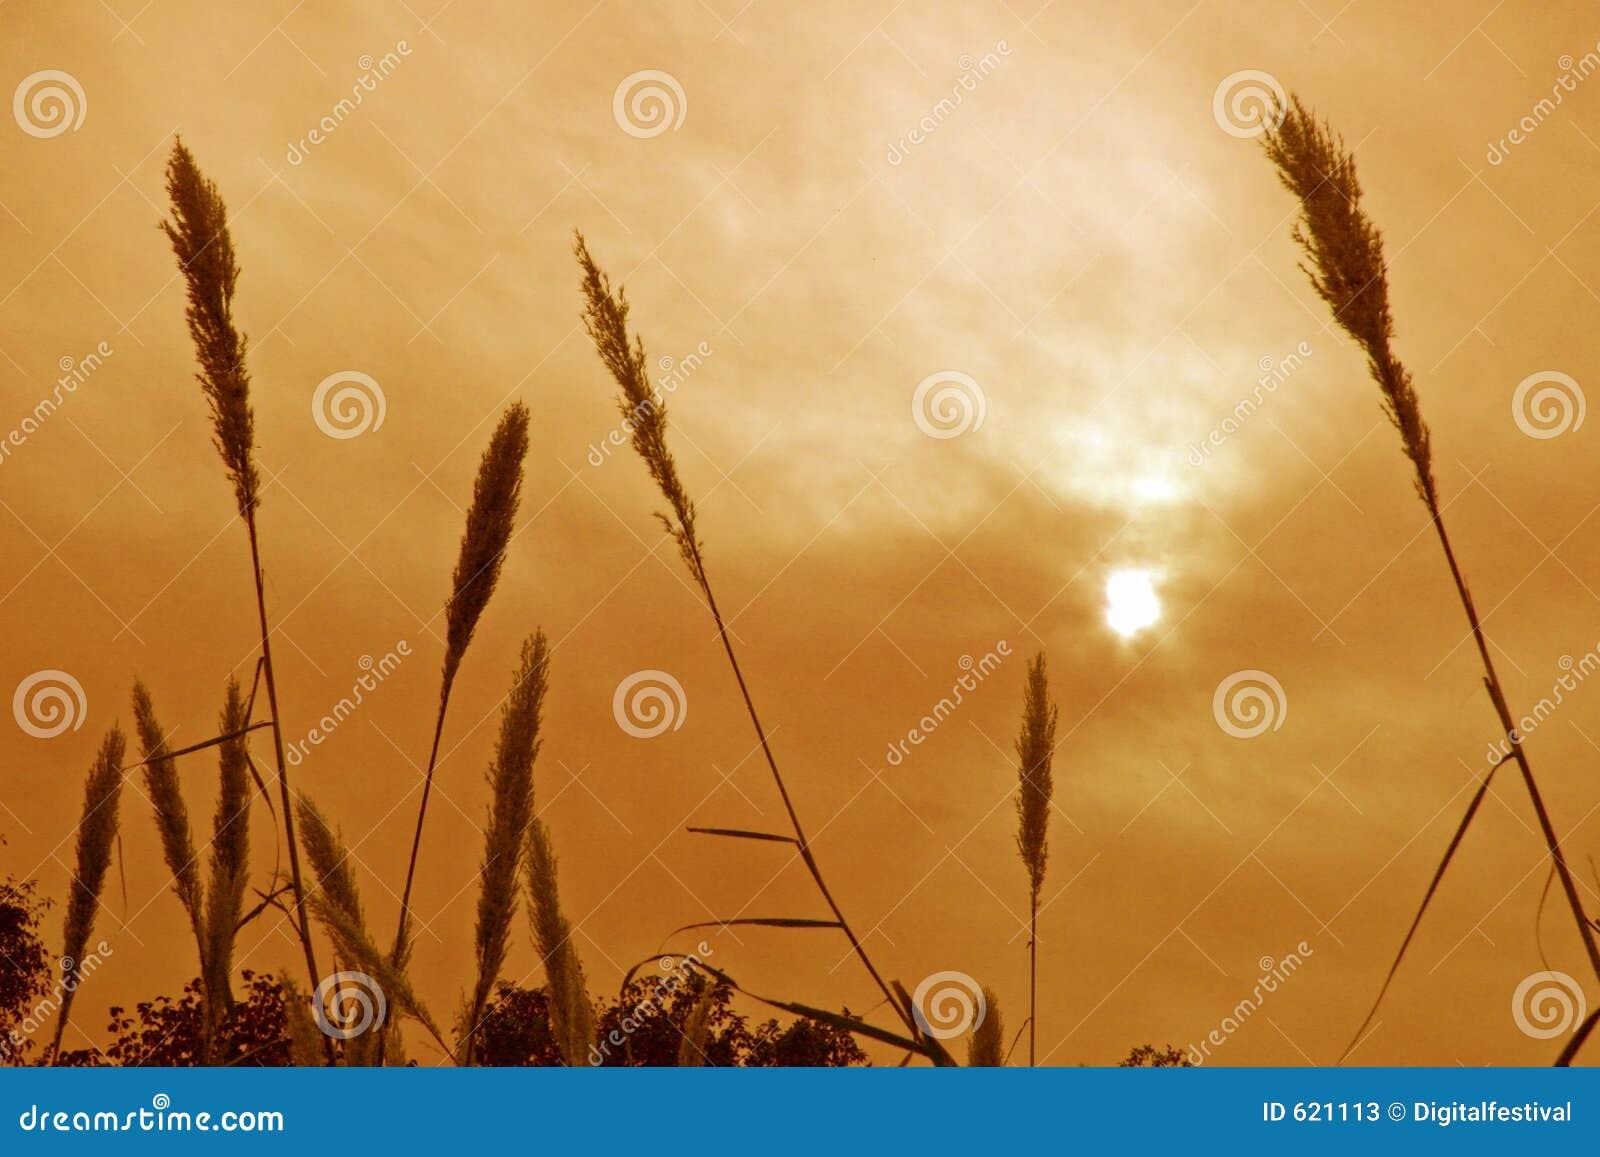 Gesilhouetteerde gras en installaties tegen de zon